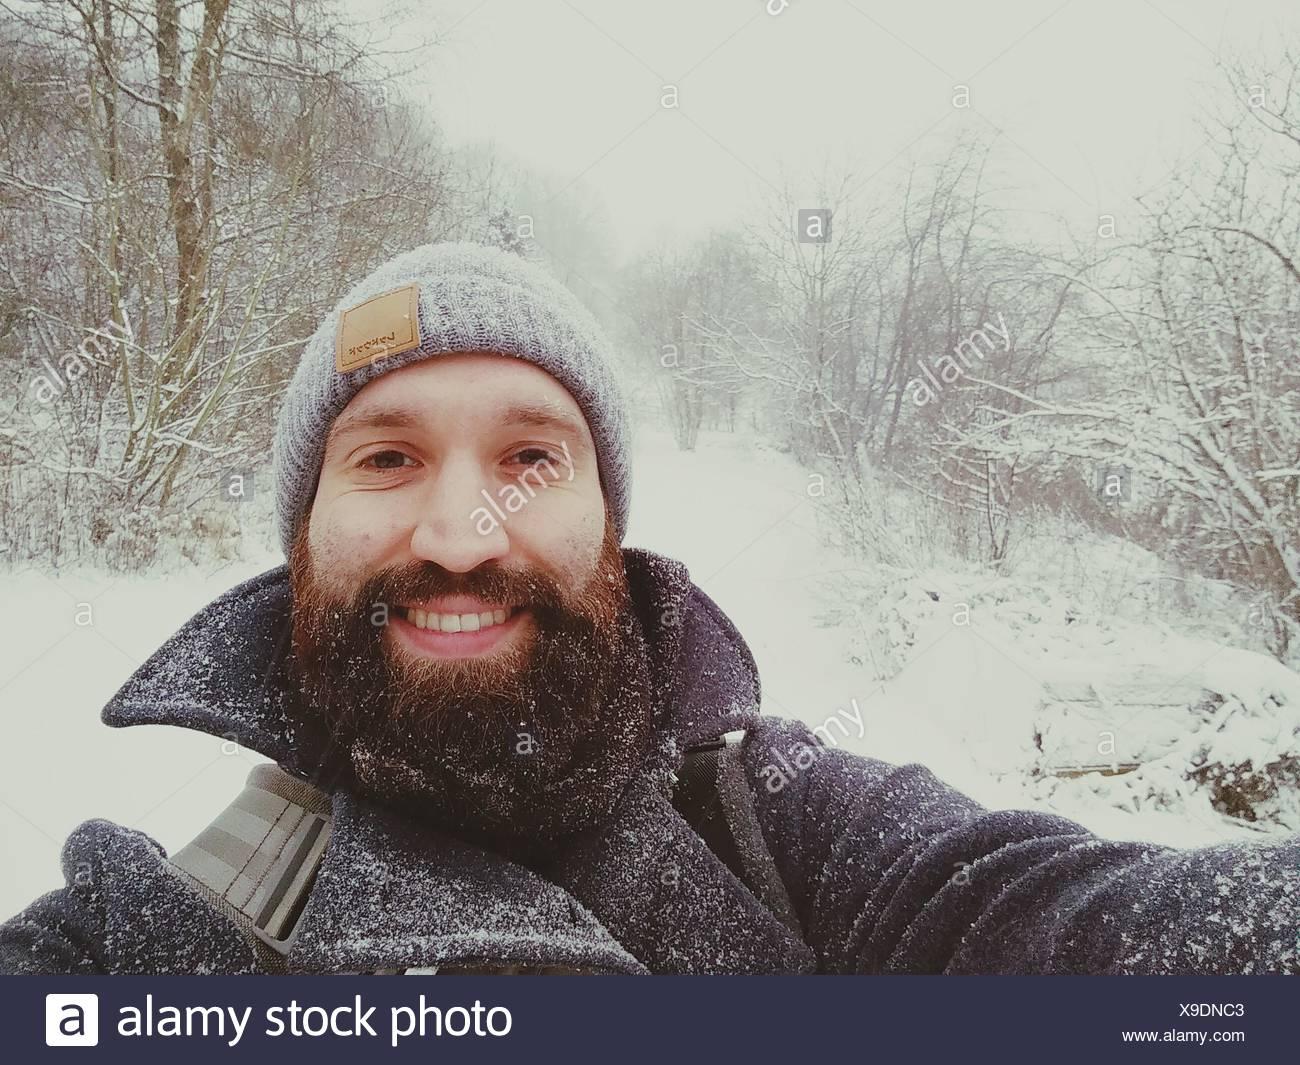 Porträt von einem fröhlichen jungen Mann im Schnee Stockbild